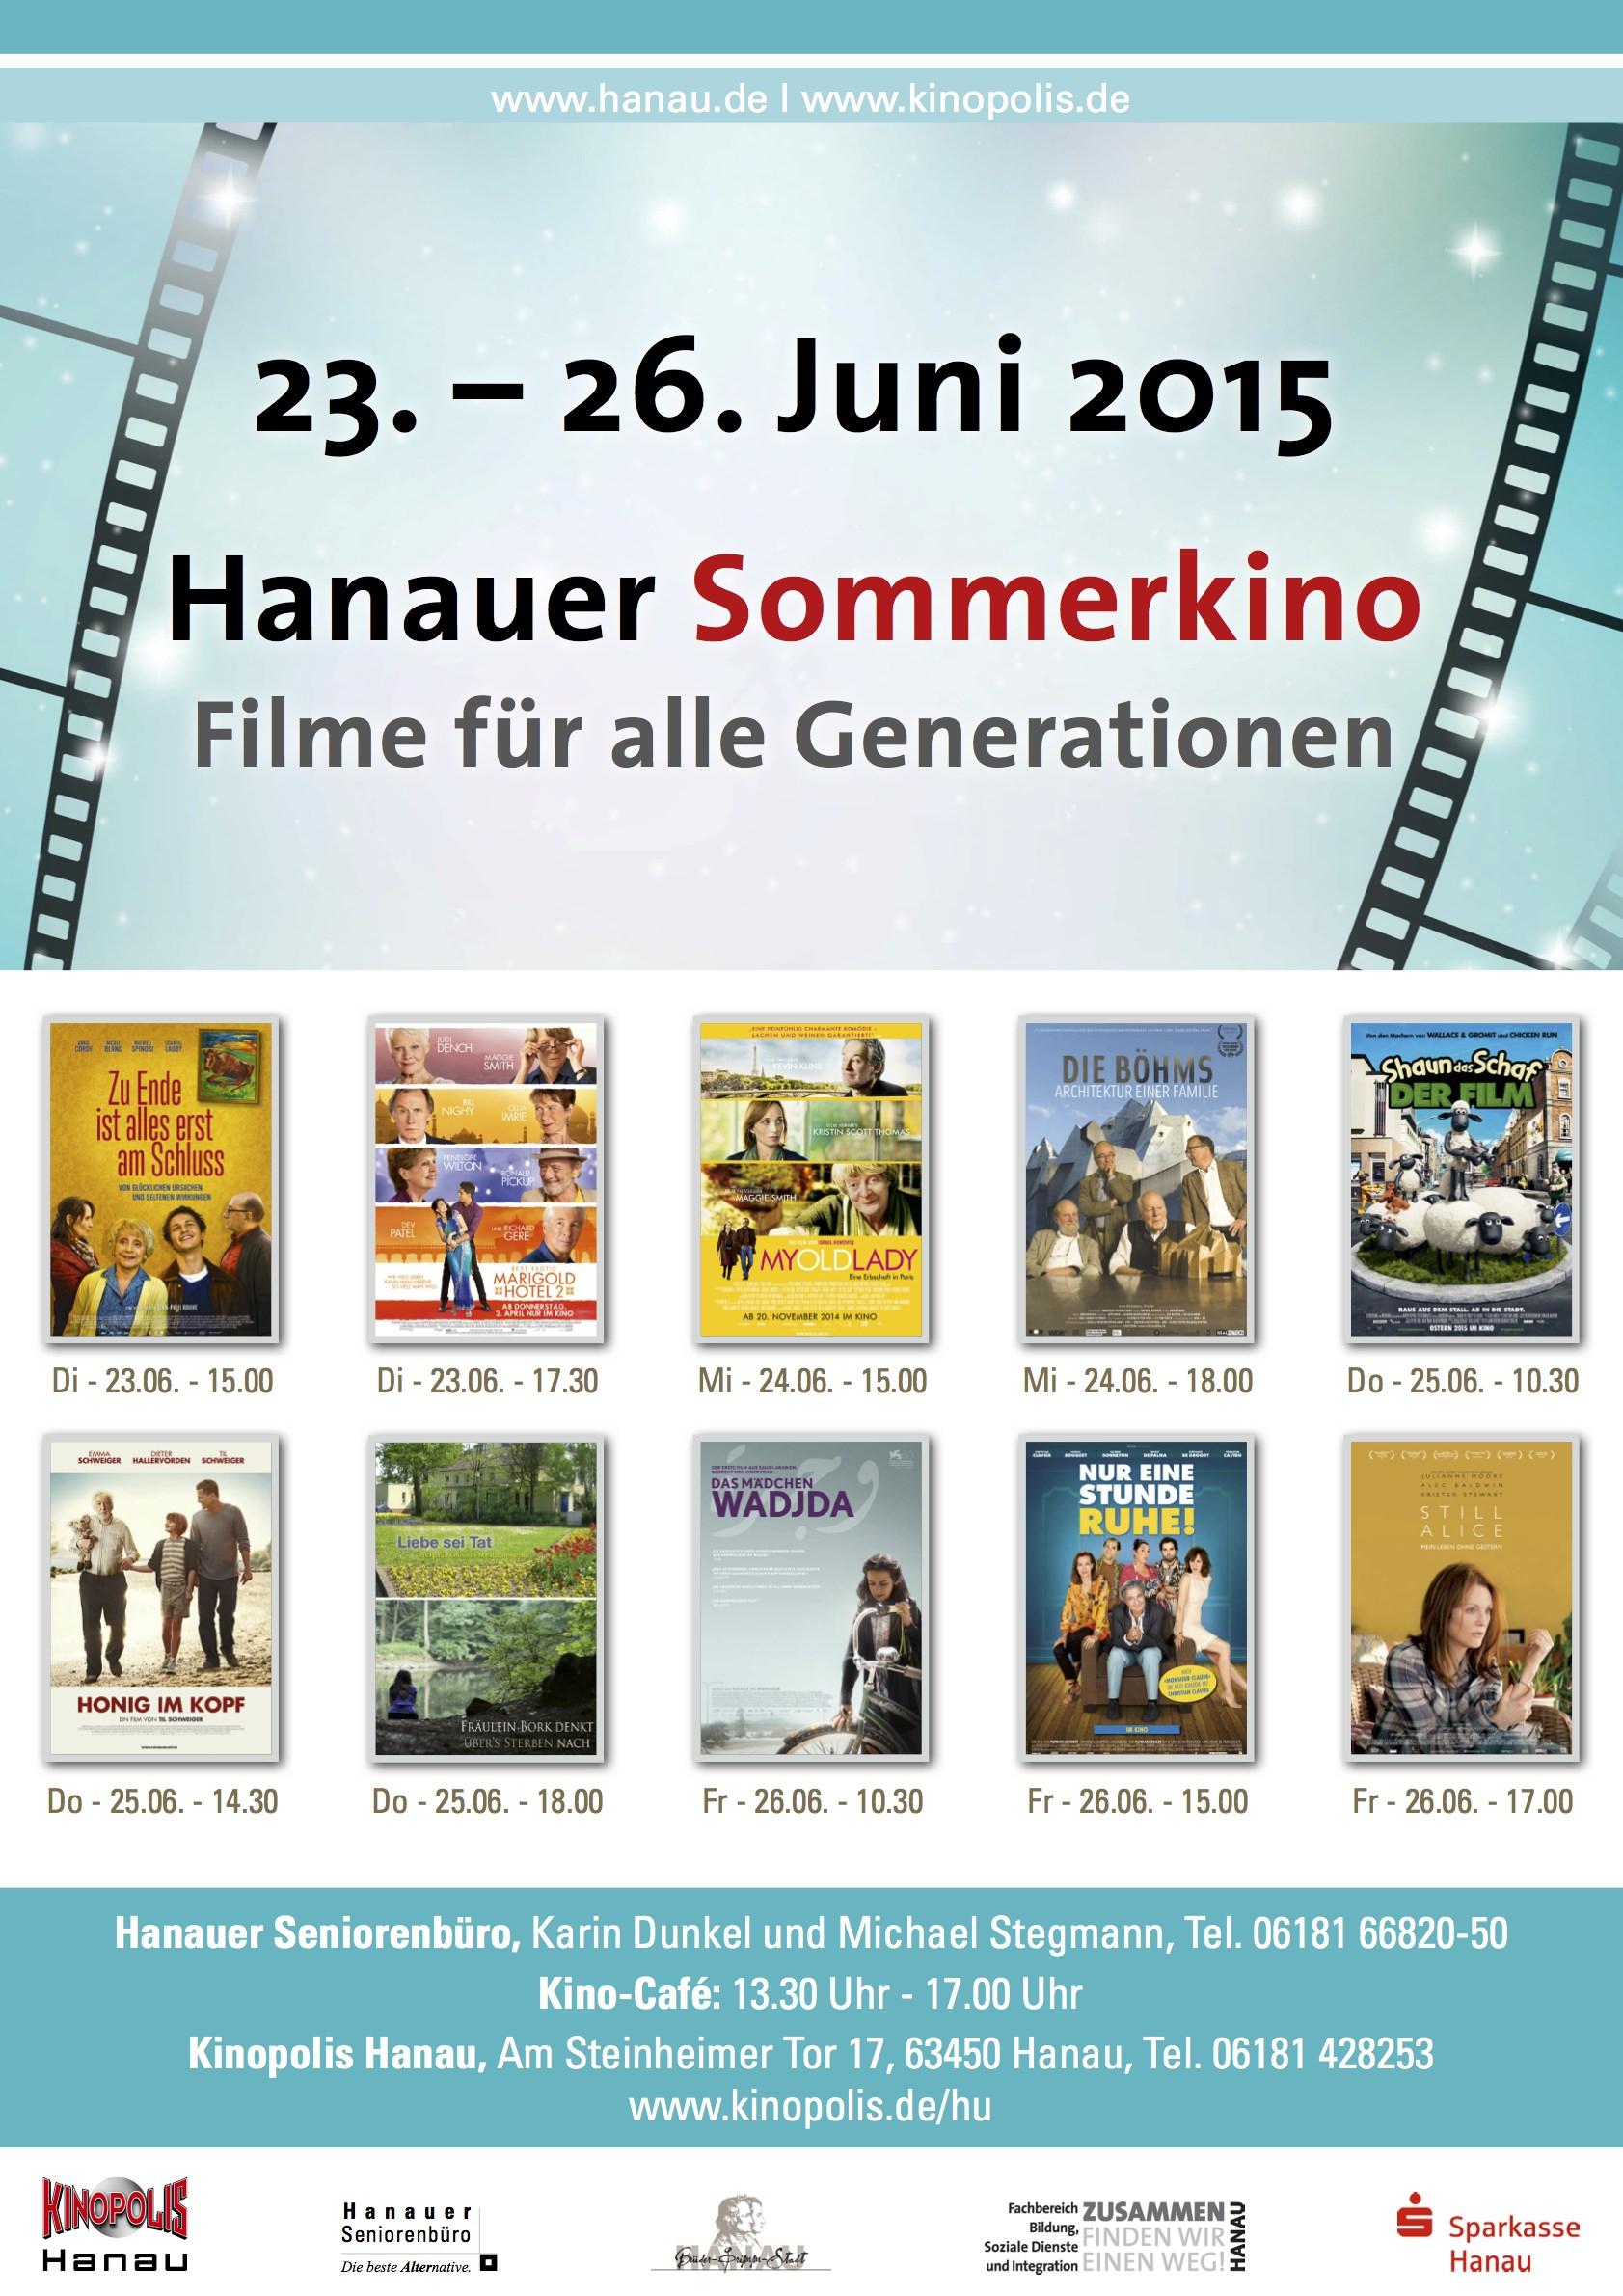 PL_Filmfestival-Hanauer Sommerkino 2015